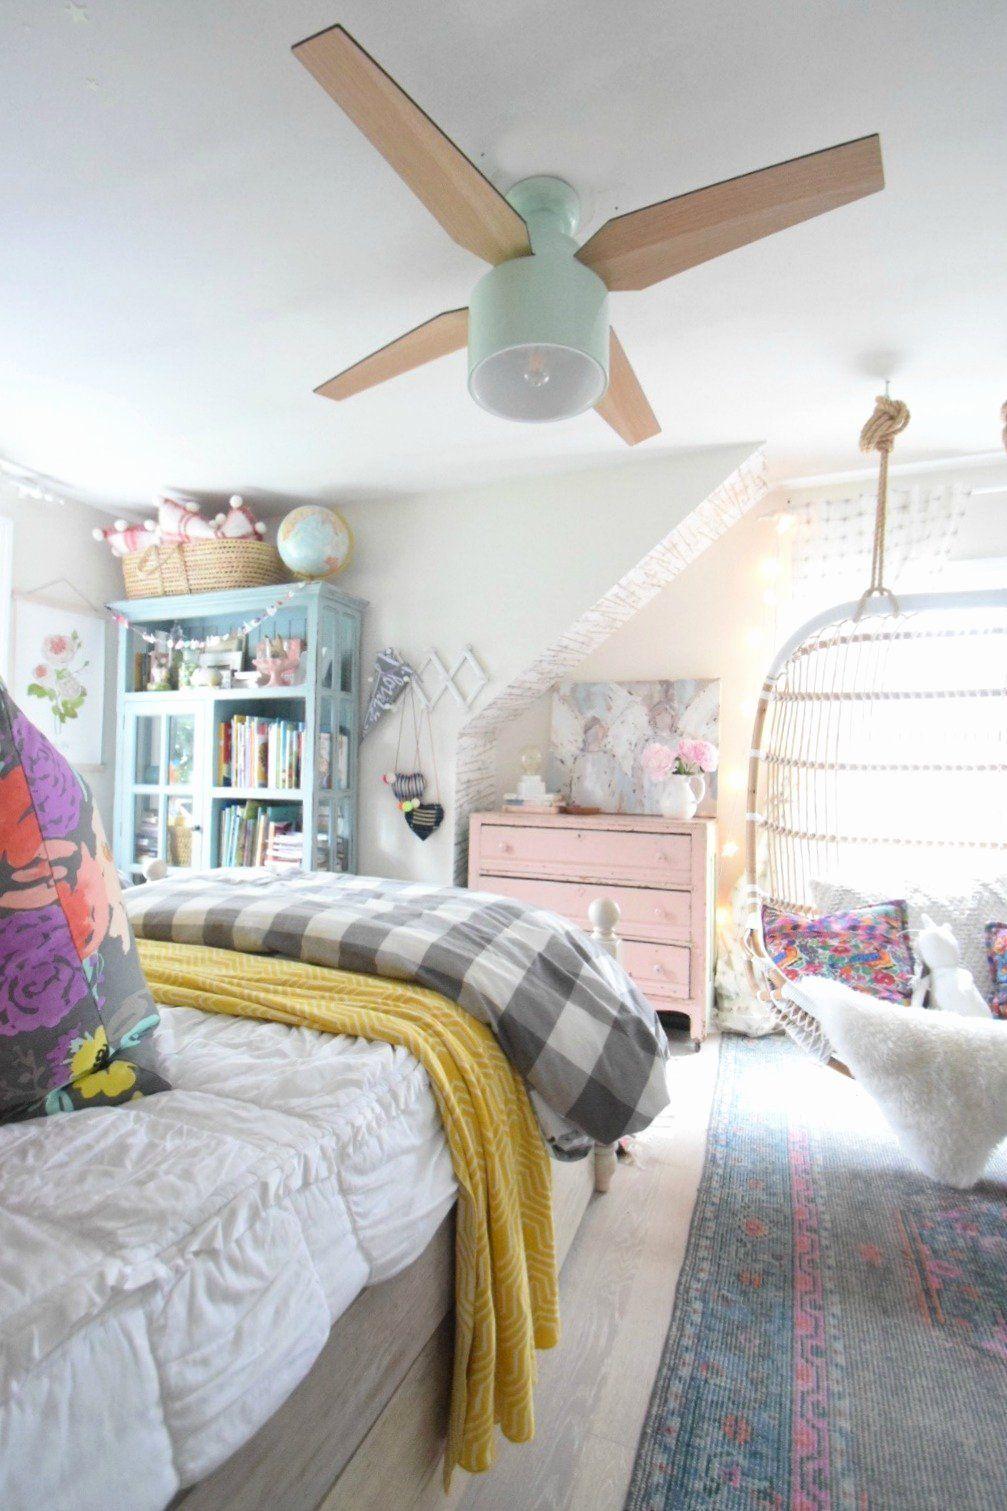 Cool Ceiling Fans For Bedroom Elegant Modern Ceiling Fans In 2020 Modern Ceiling Fan Modern Bedroom Design Modern Bedroom